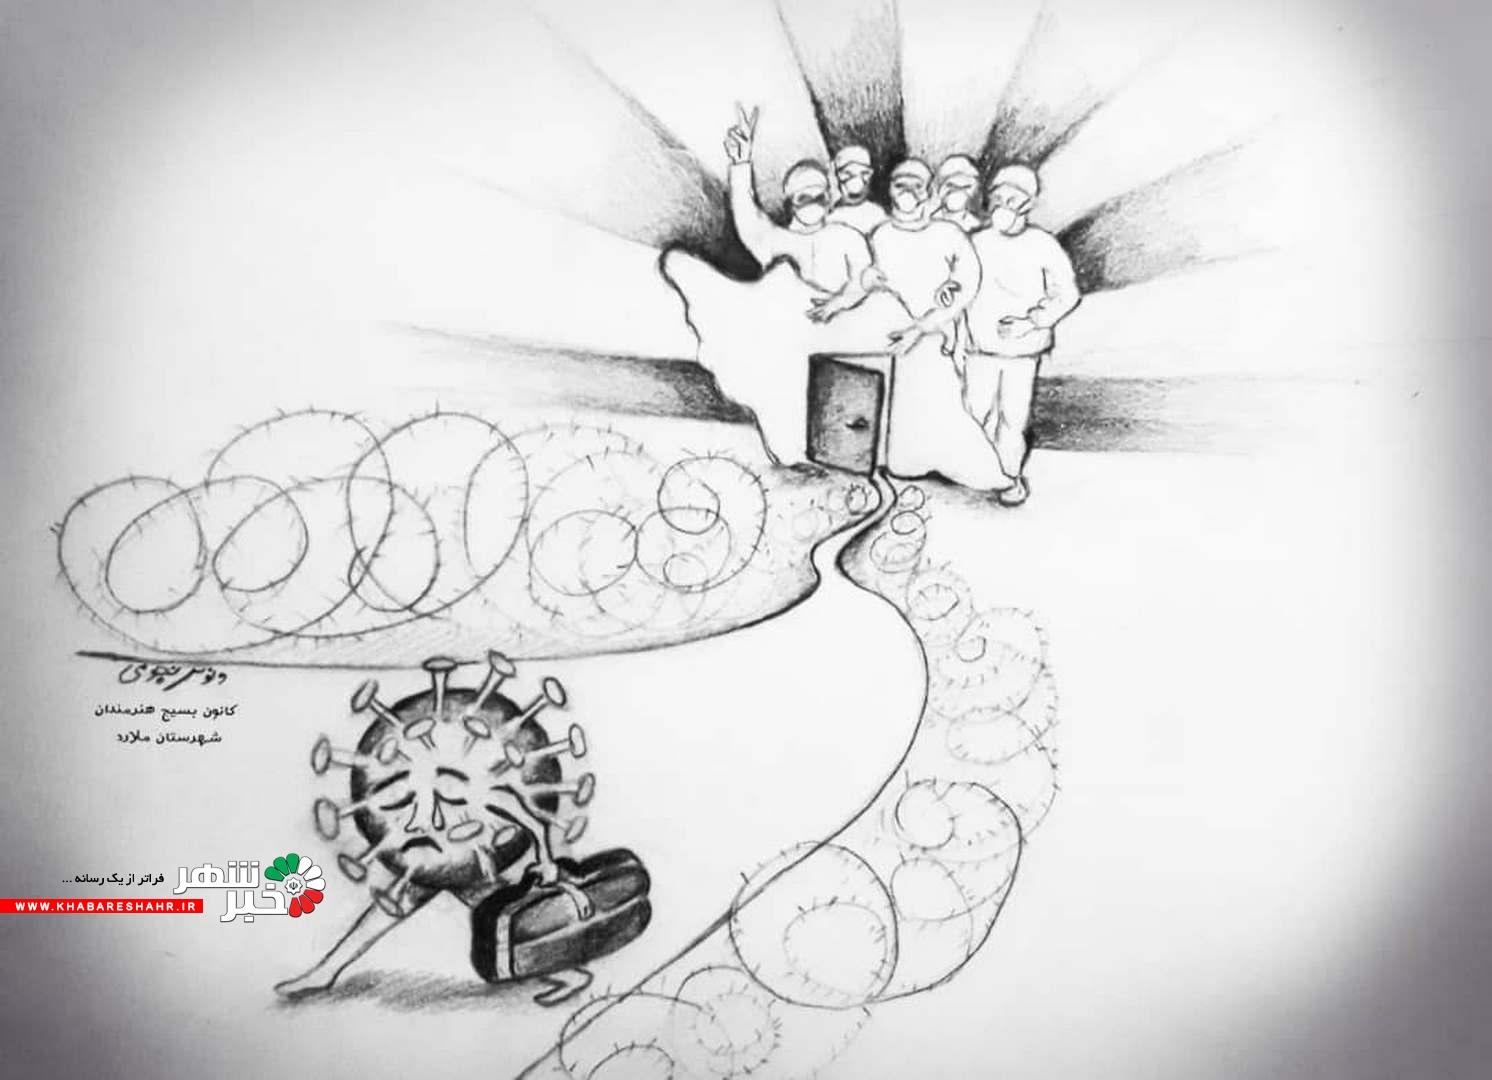 هنرمند های بسیجی ملارد دست به کار شدن برای شکست کرونا